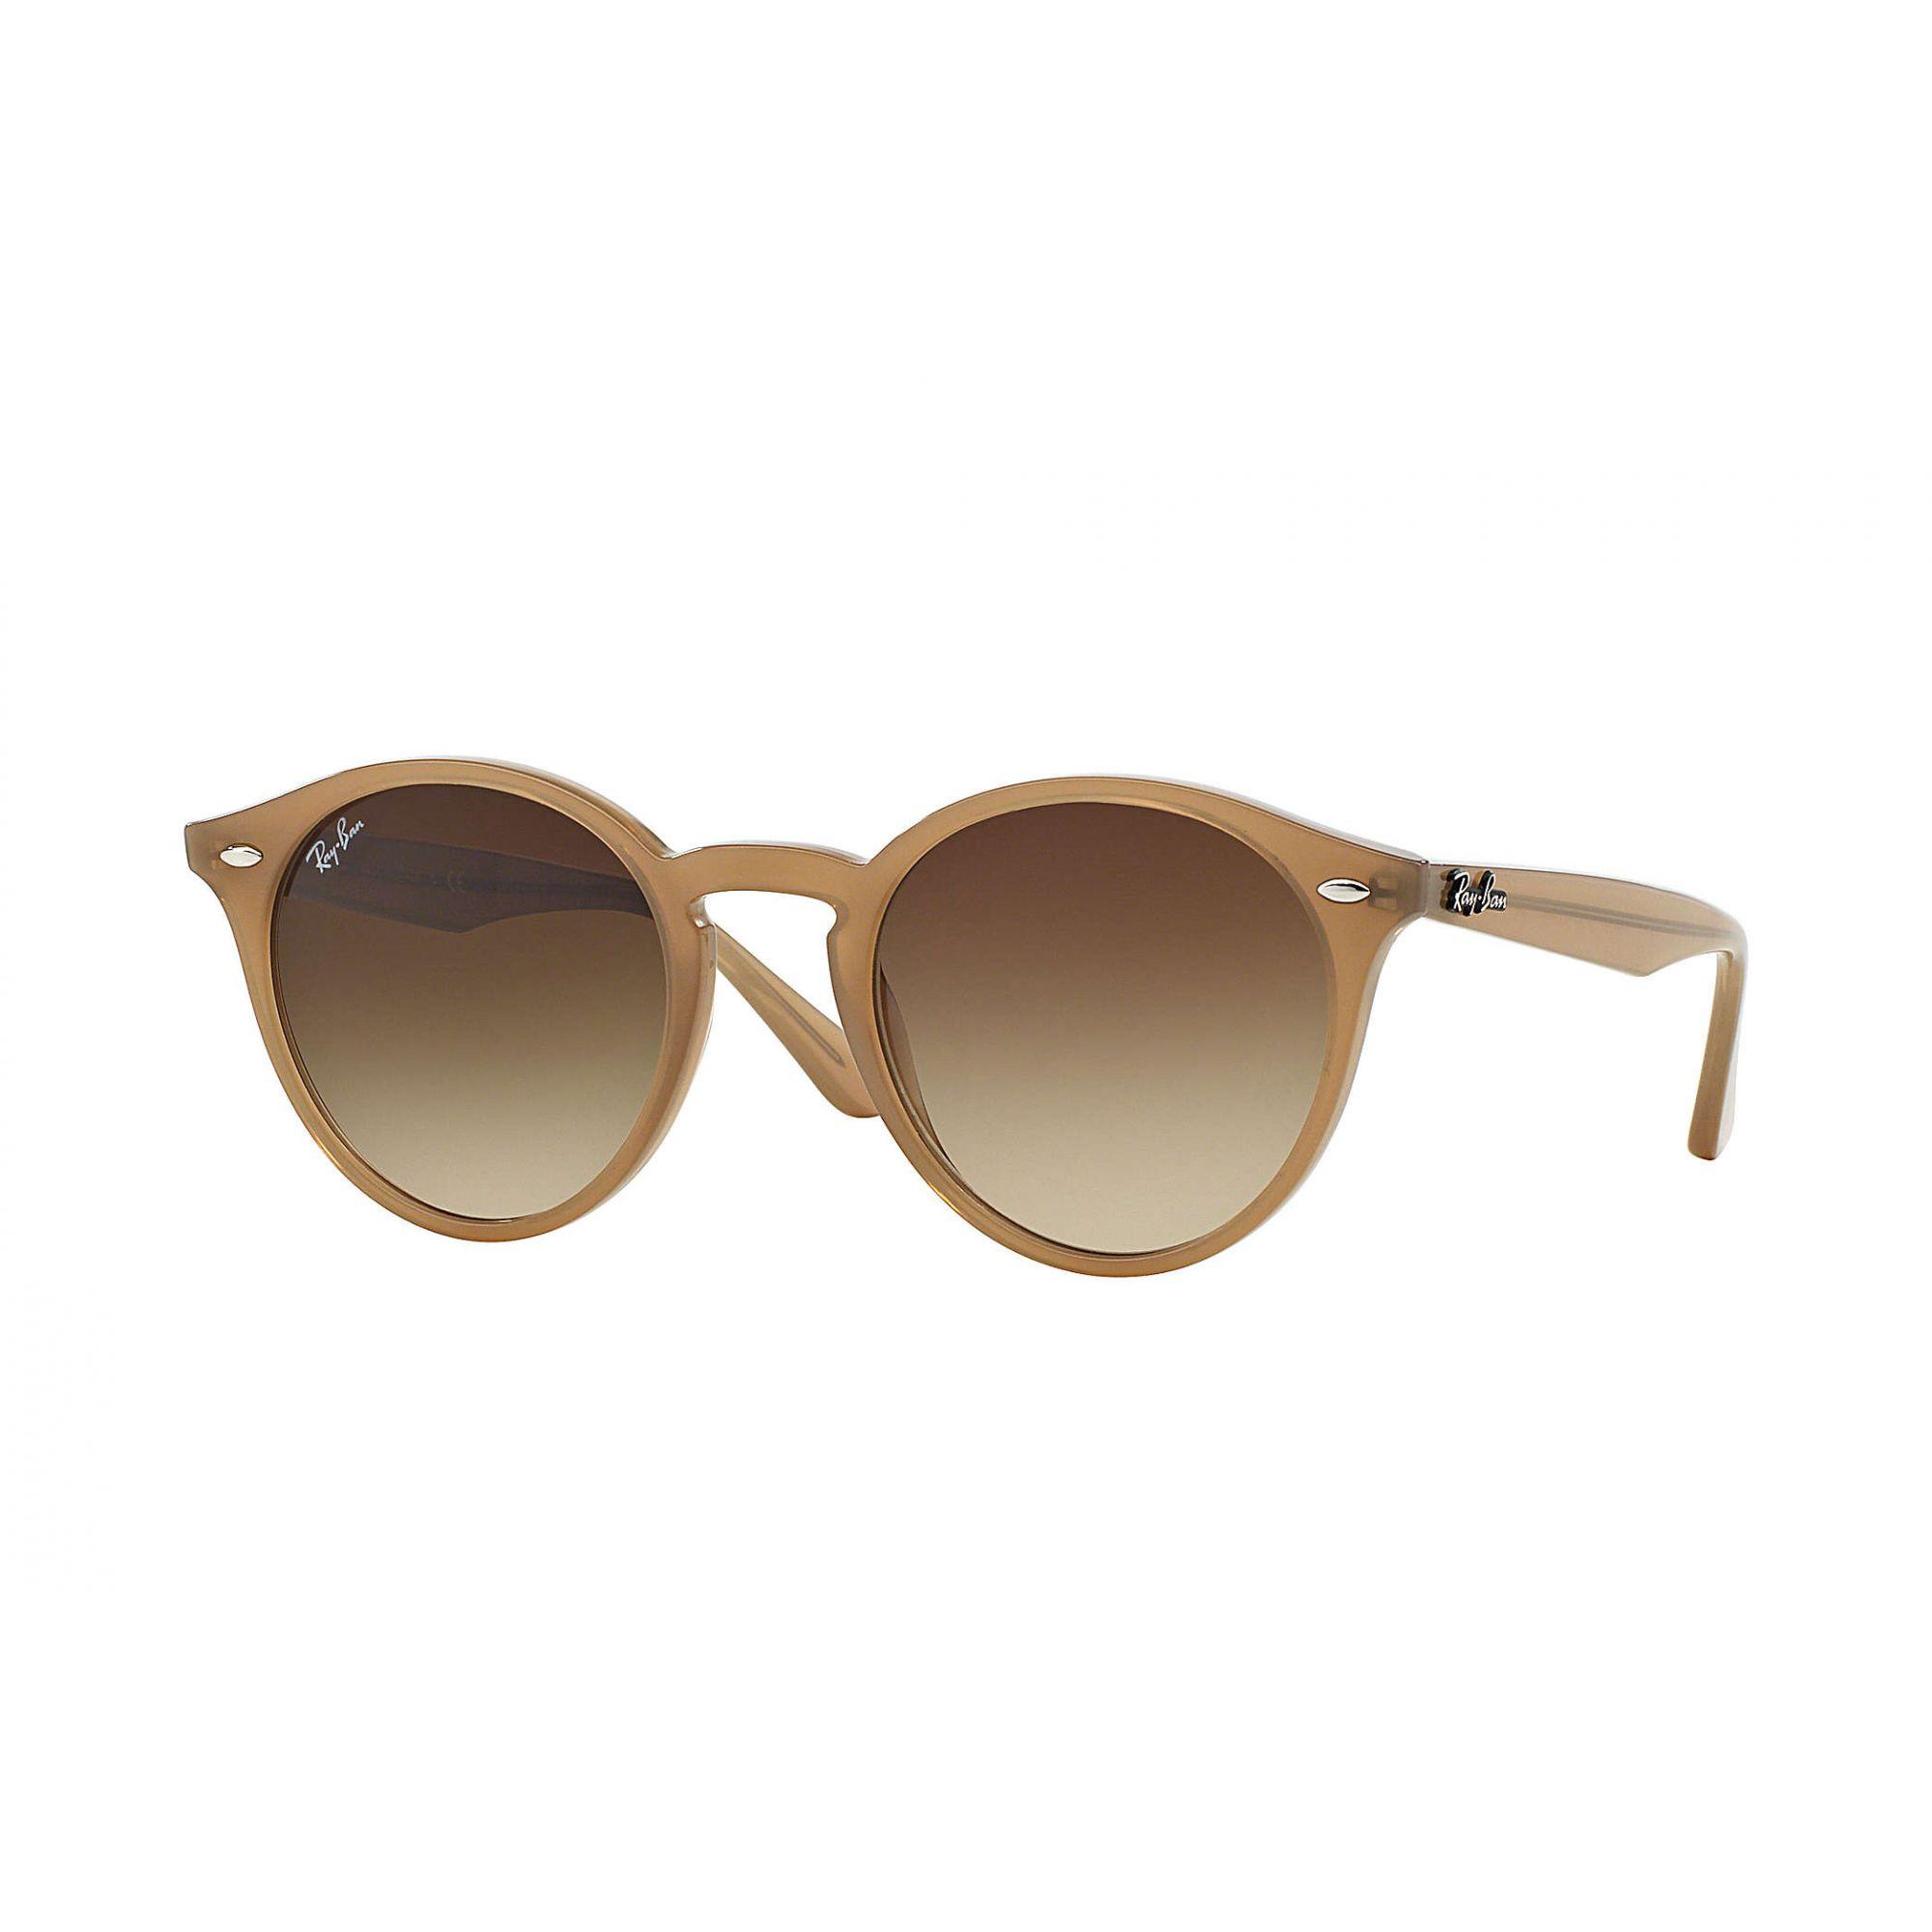 Ray Ban - RB2180 616613 - Óculos de sol